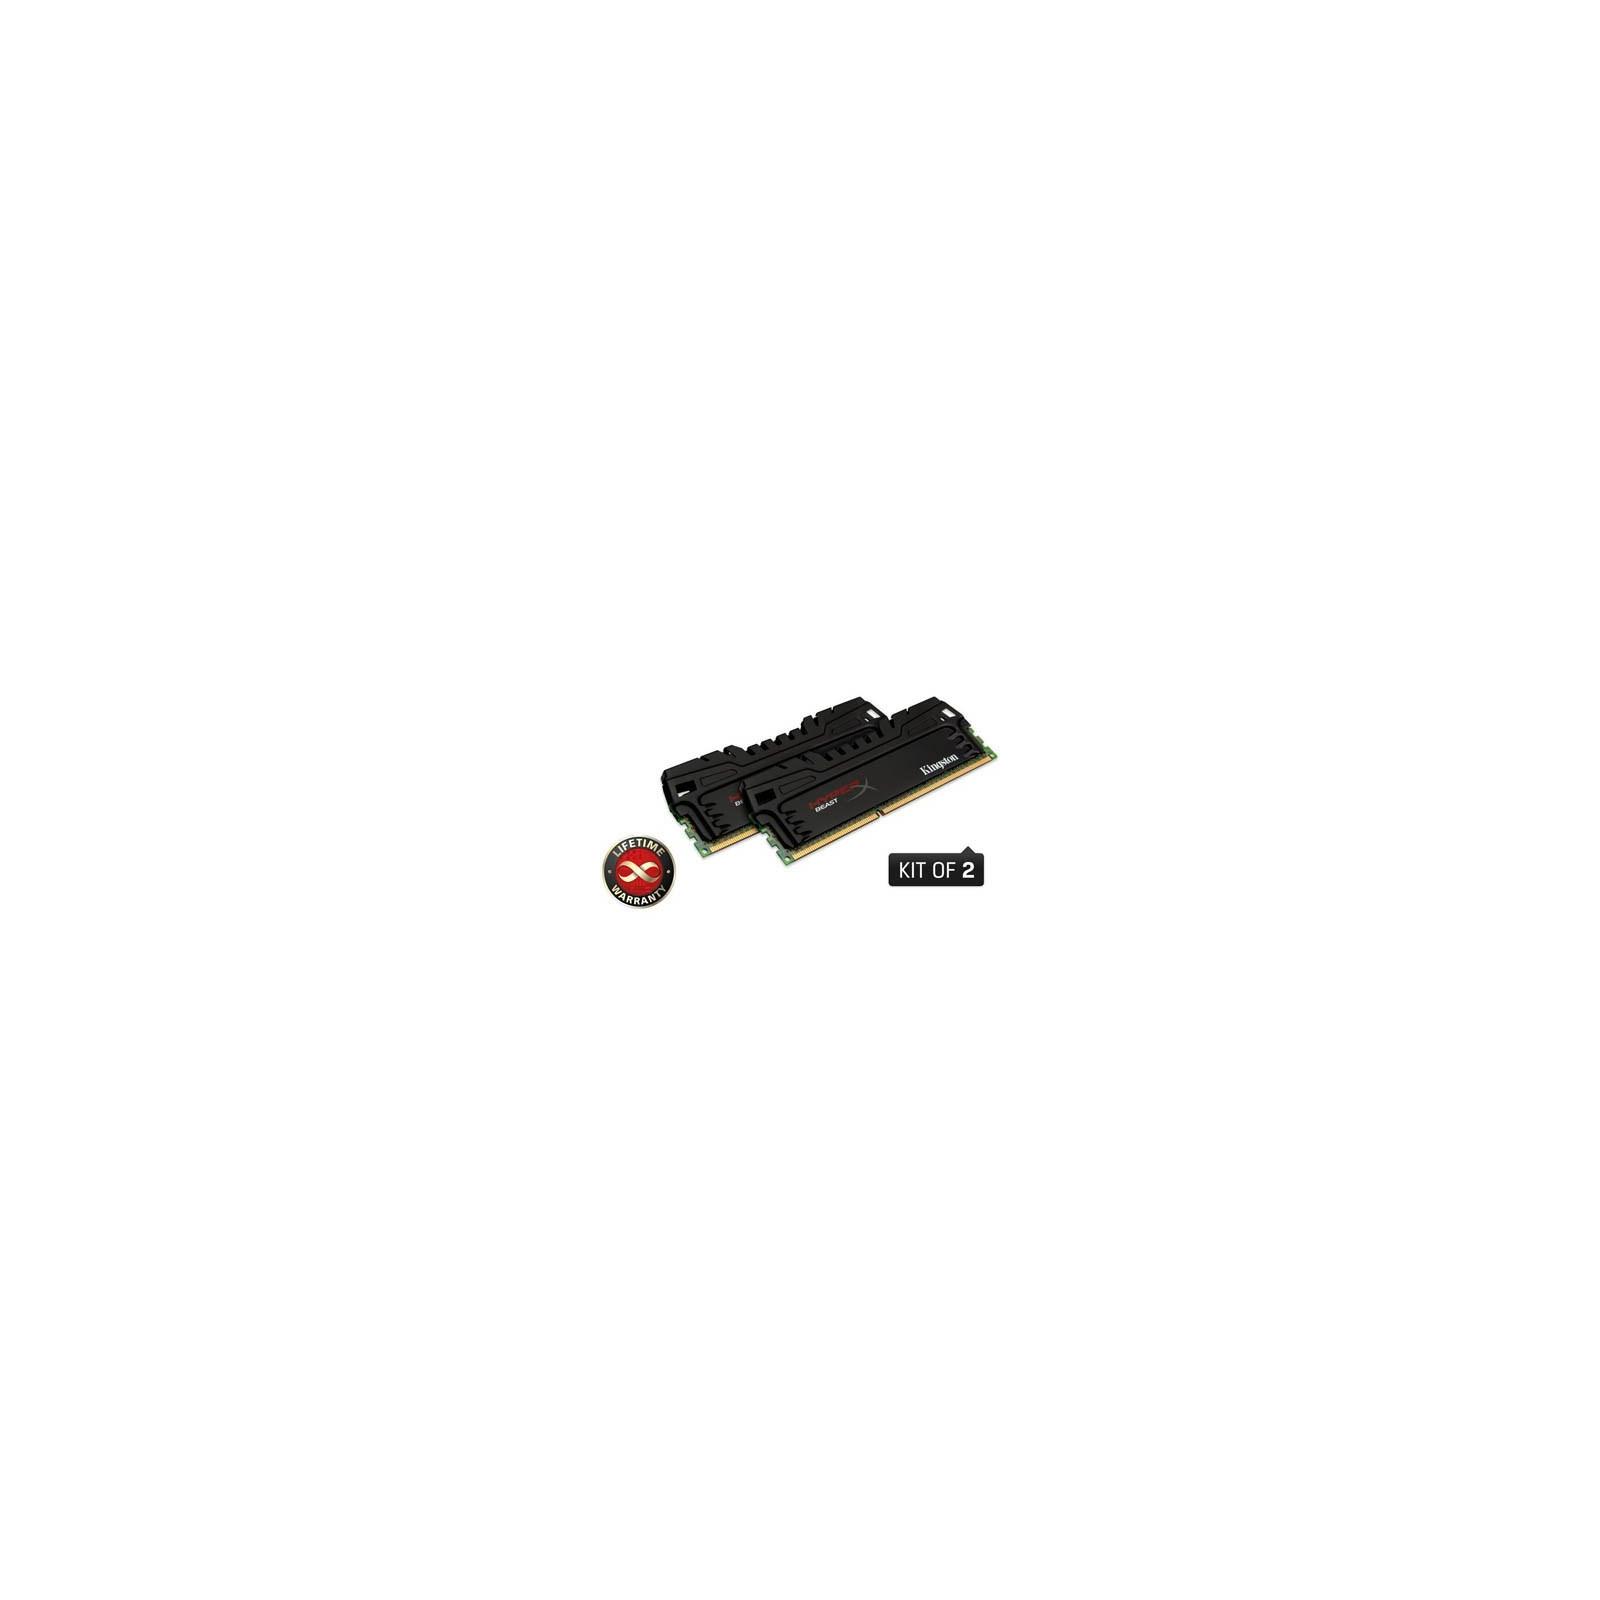 Модуль памяти для компьютера DDR3 8GB (2x4GB) 1600 MHz Kingston (KHX16C9T3K2/8X)